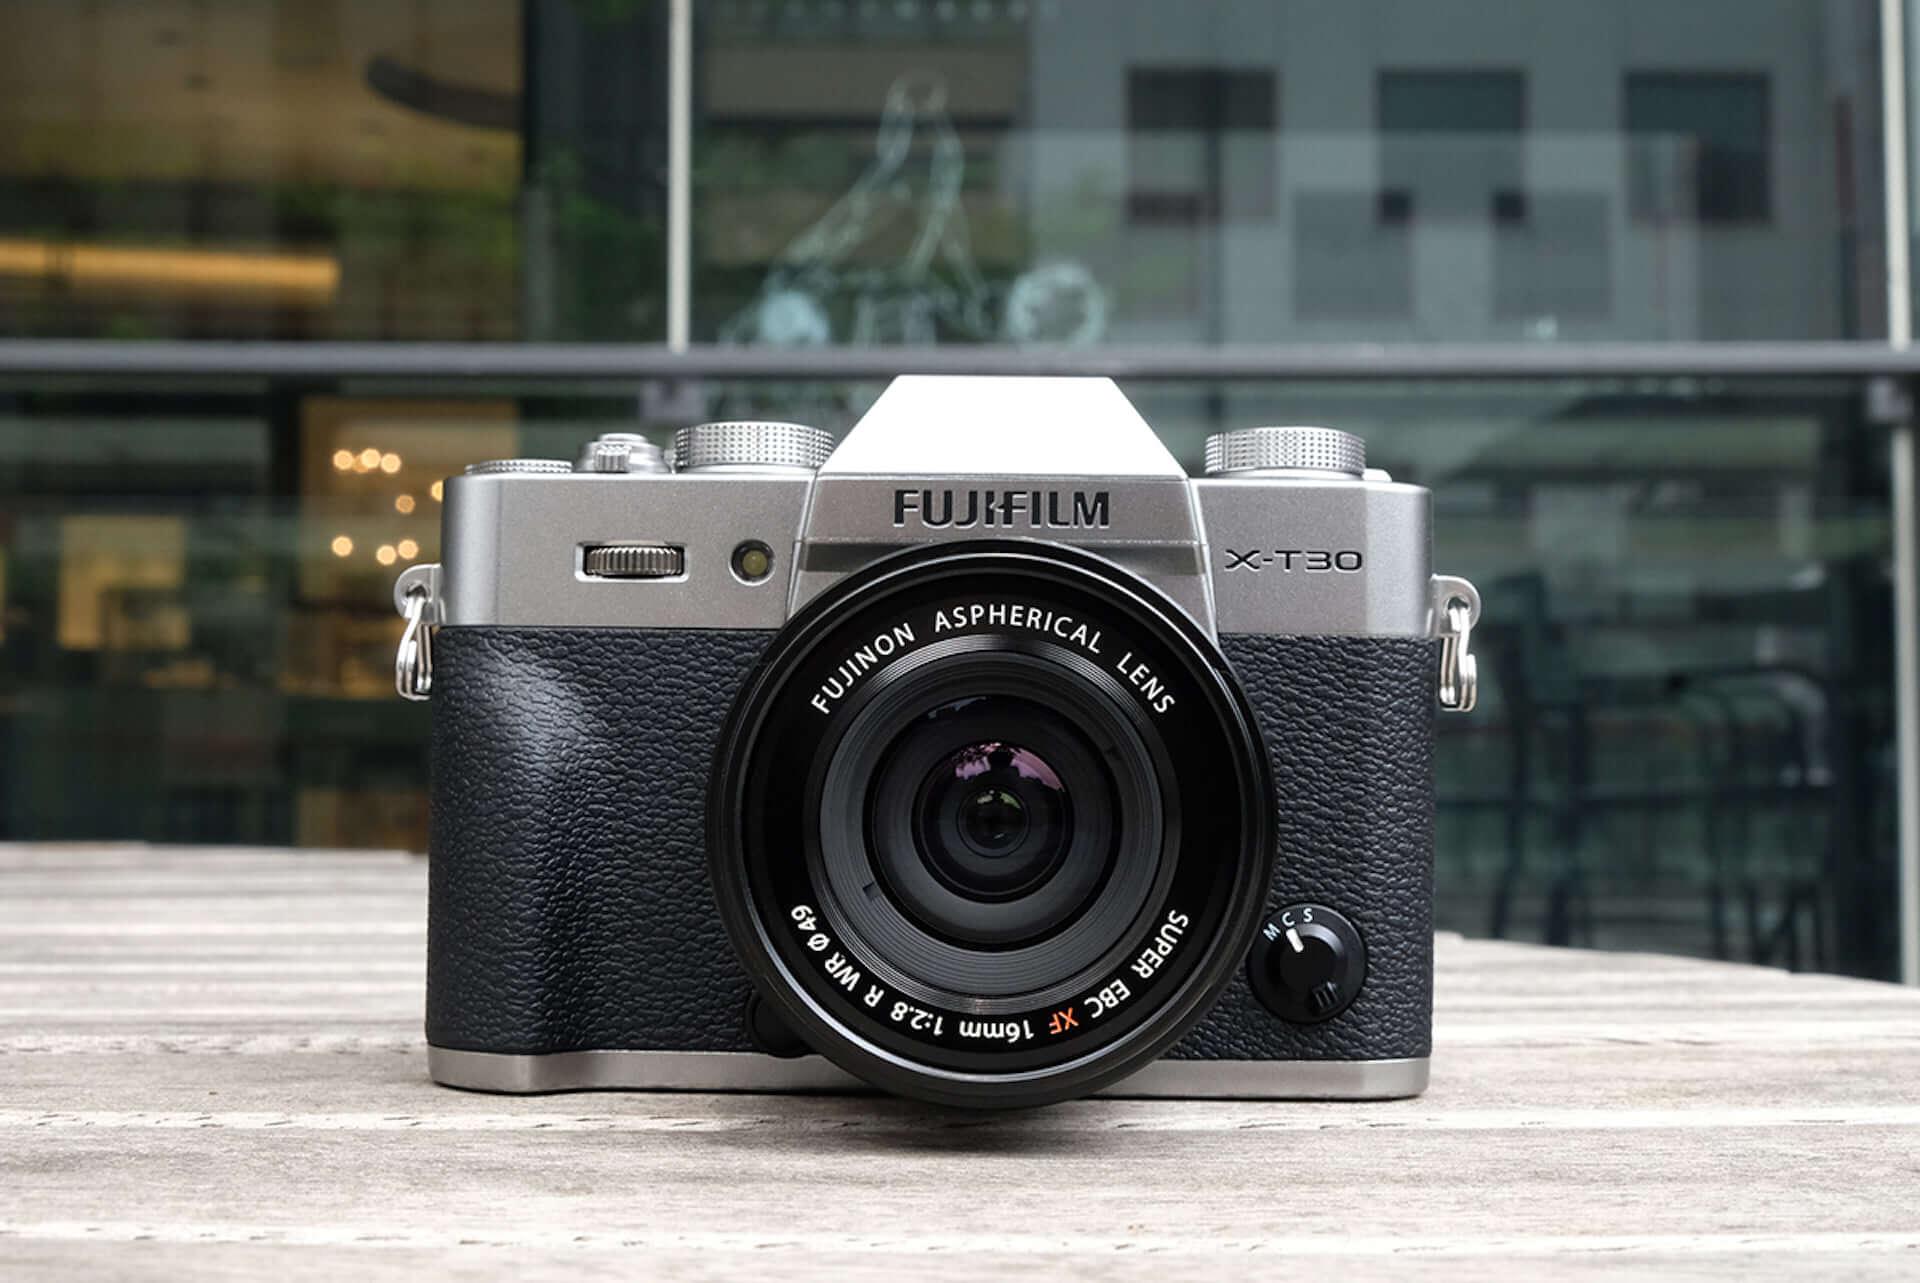 上位機種と同等の高性能センサーを搭載!FUJIFILM Xシリーズ最新デジタルカメラ「X-T30」をレビュー xt30-review_9087-1920x1283